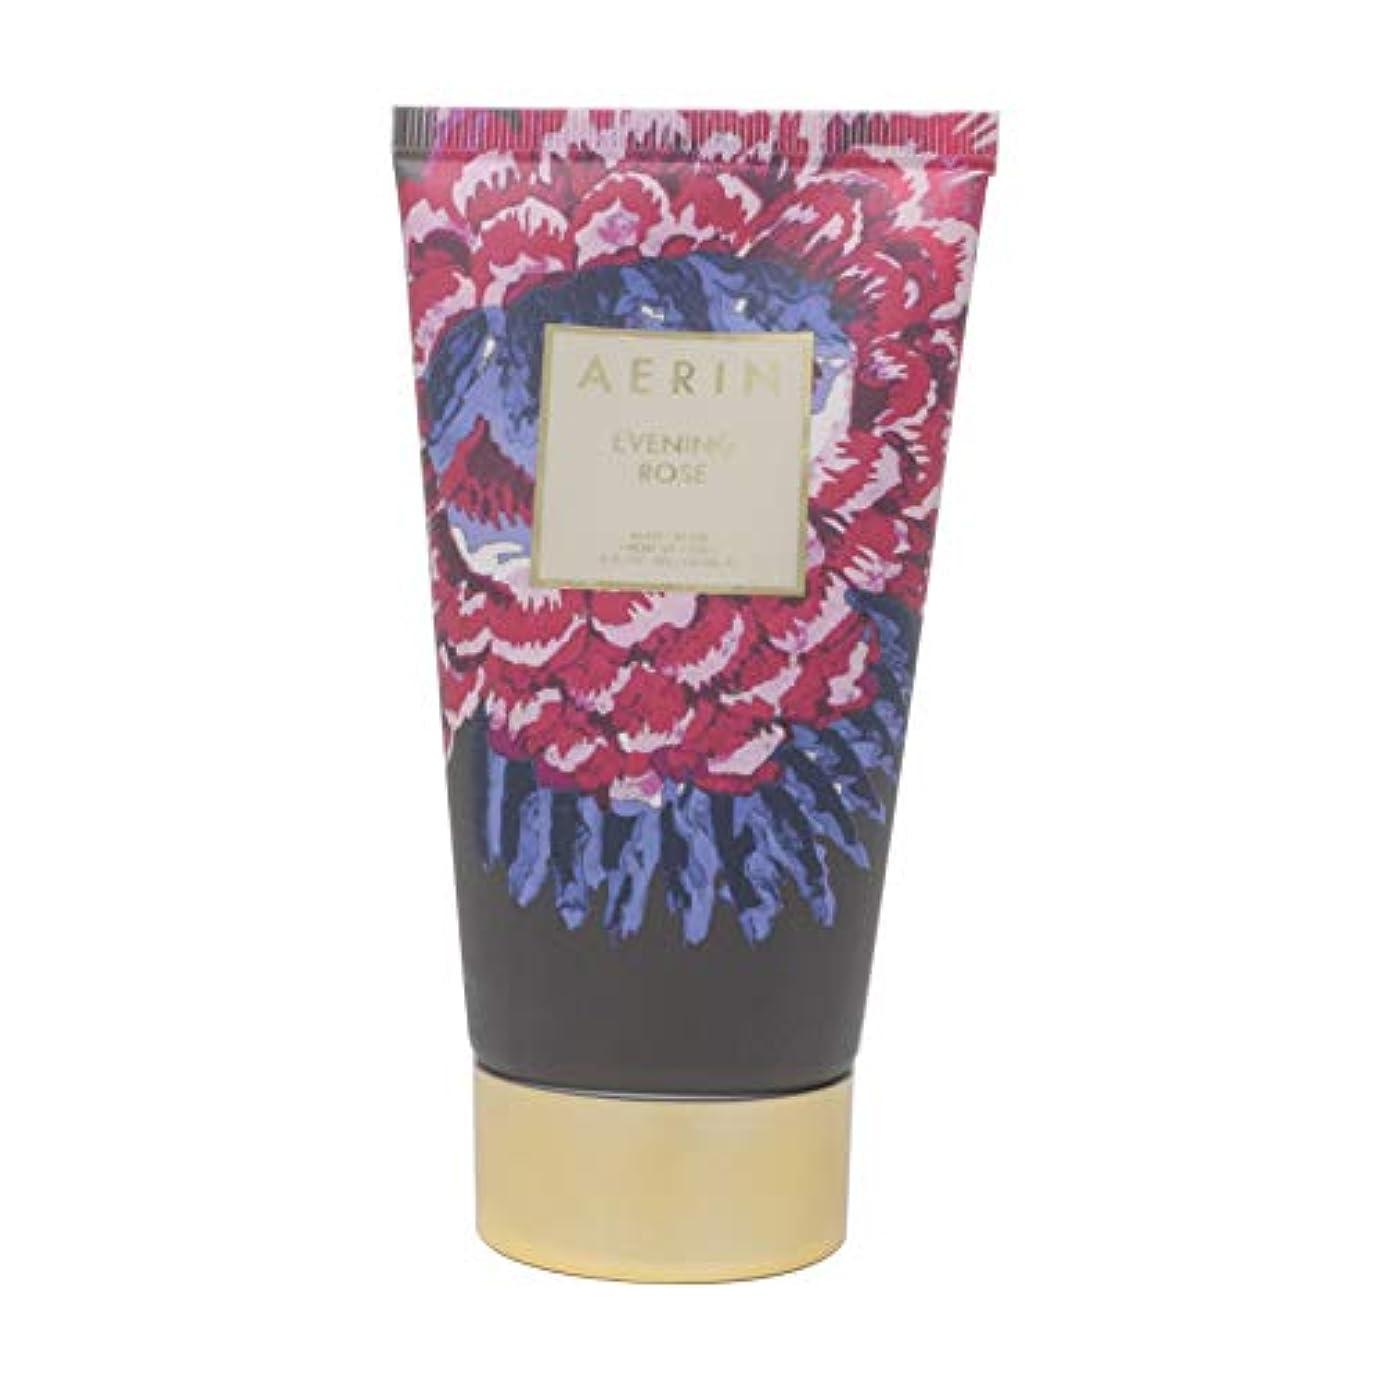 不満因子たくさんAERIN 'Evening Rose' (アエリン イブニング ローズ) 5.0 oz (150ml) Body Cream ボディークリーム by Estee Lauder for Women